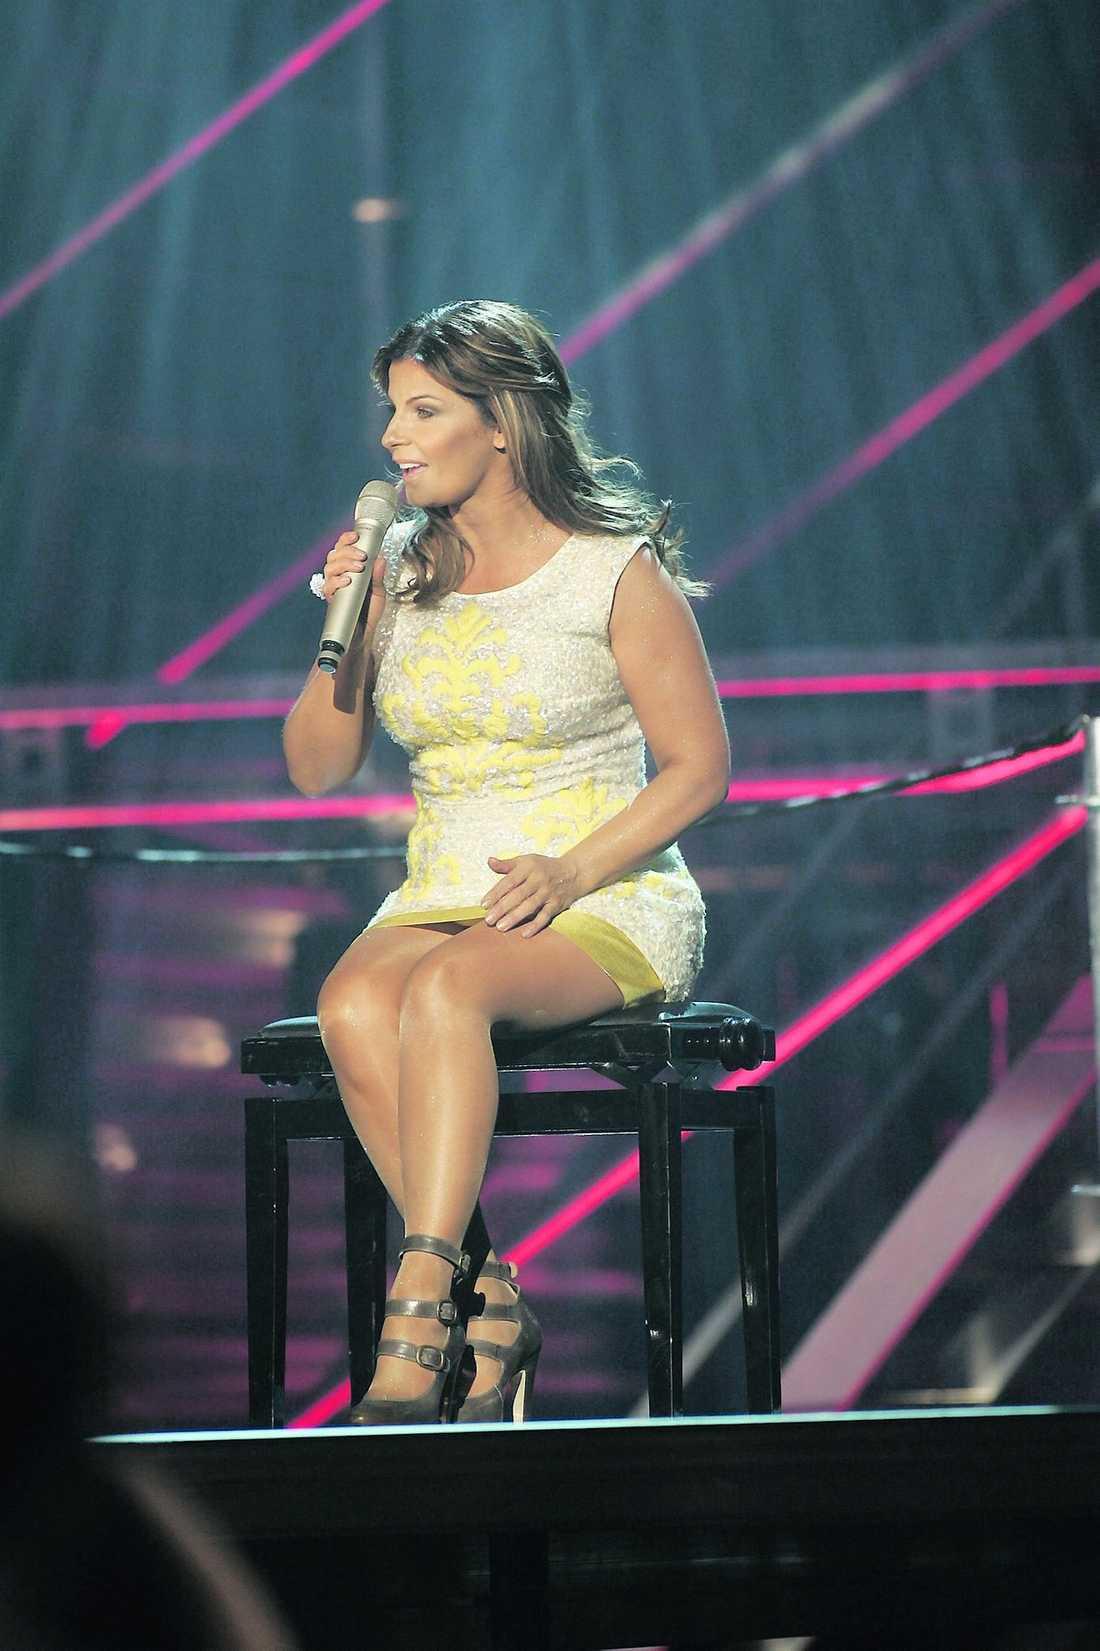 DÅ Carola på scenen under Melodifestivalen 2008, där hon uppträdde med Andreas Johnson.